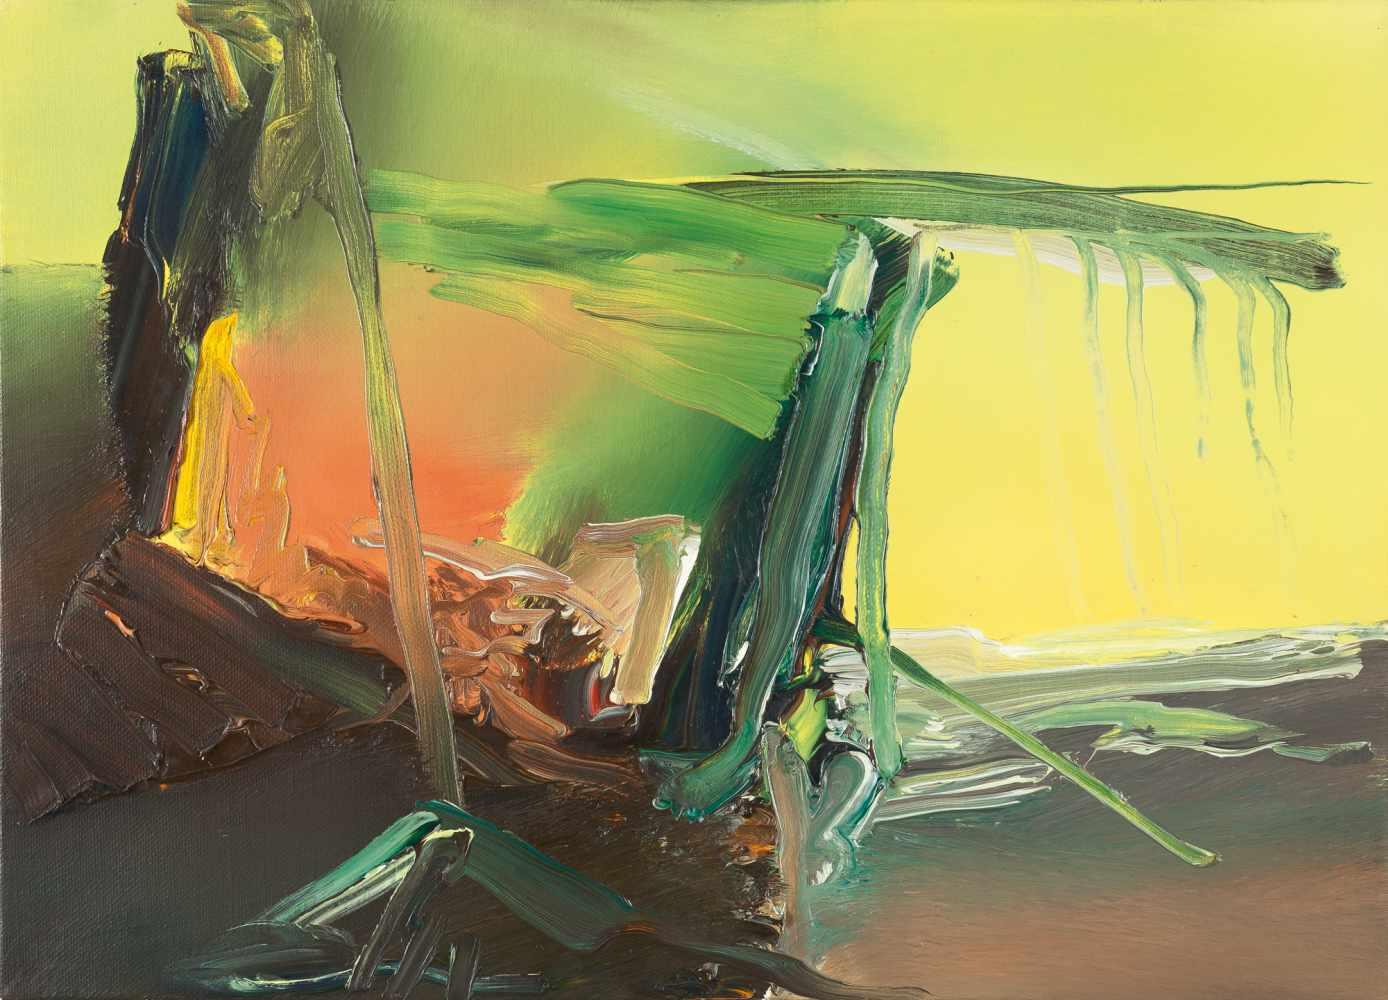 Vente Art Contemporain chez Karl & Faber Kunstauktionen : 601 lots